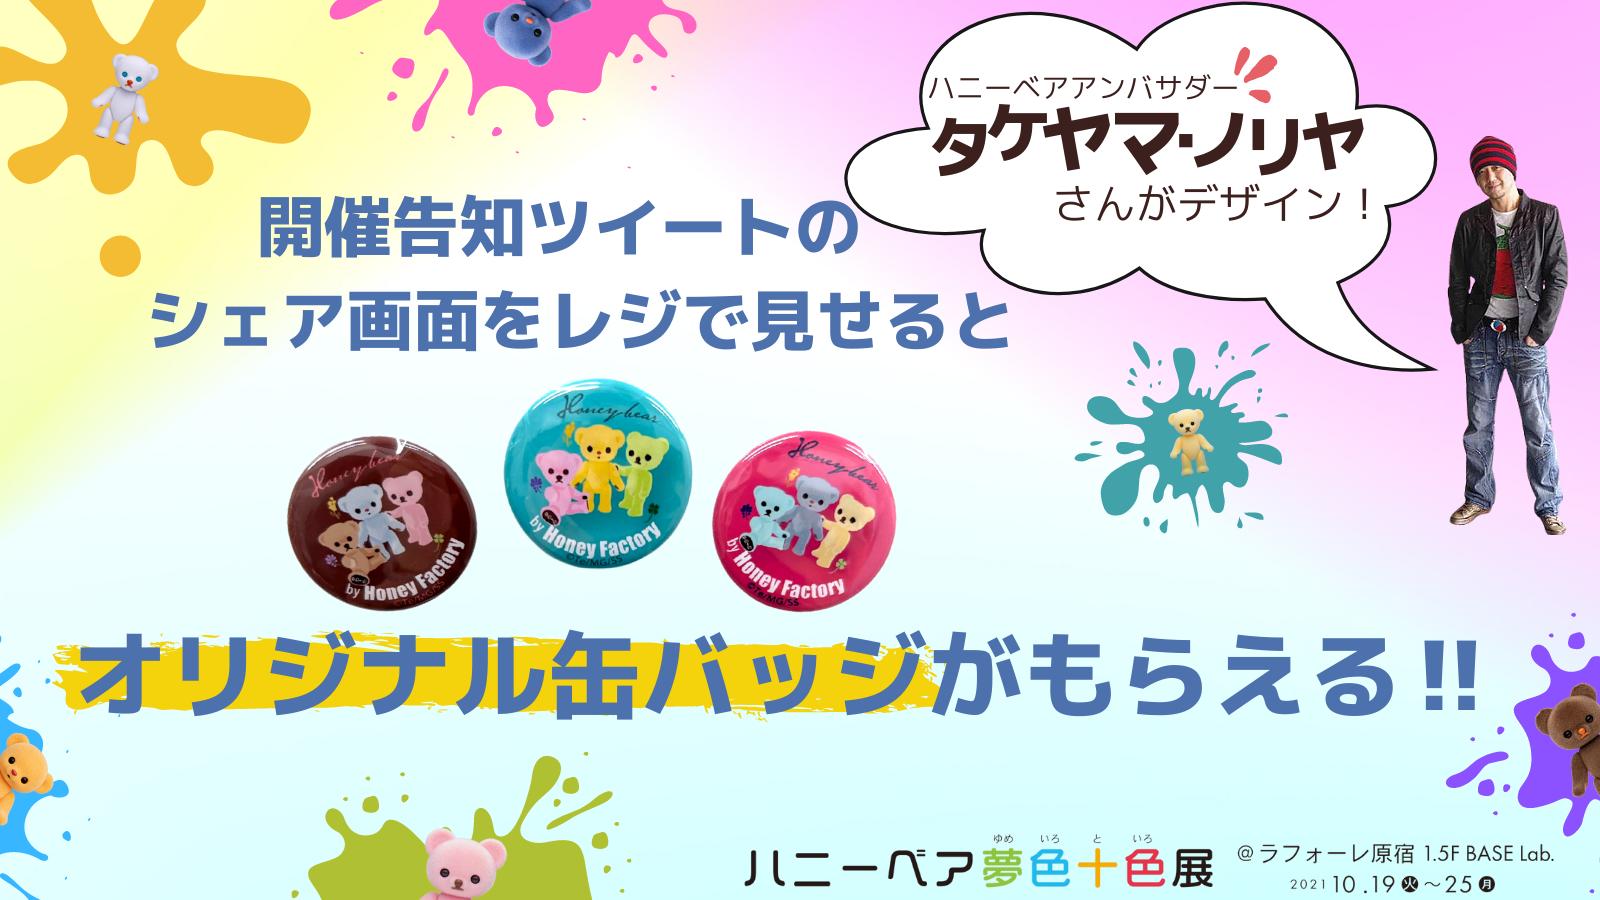 タケヤマノリヤさんがデザイン!「開催告知」のツイートをシェアしてオリジナル缶バッジを受け取ろう!